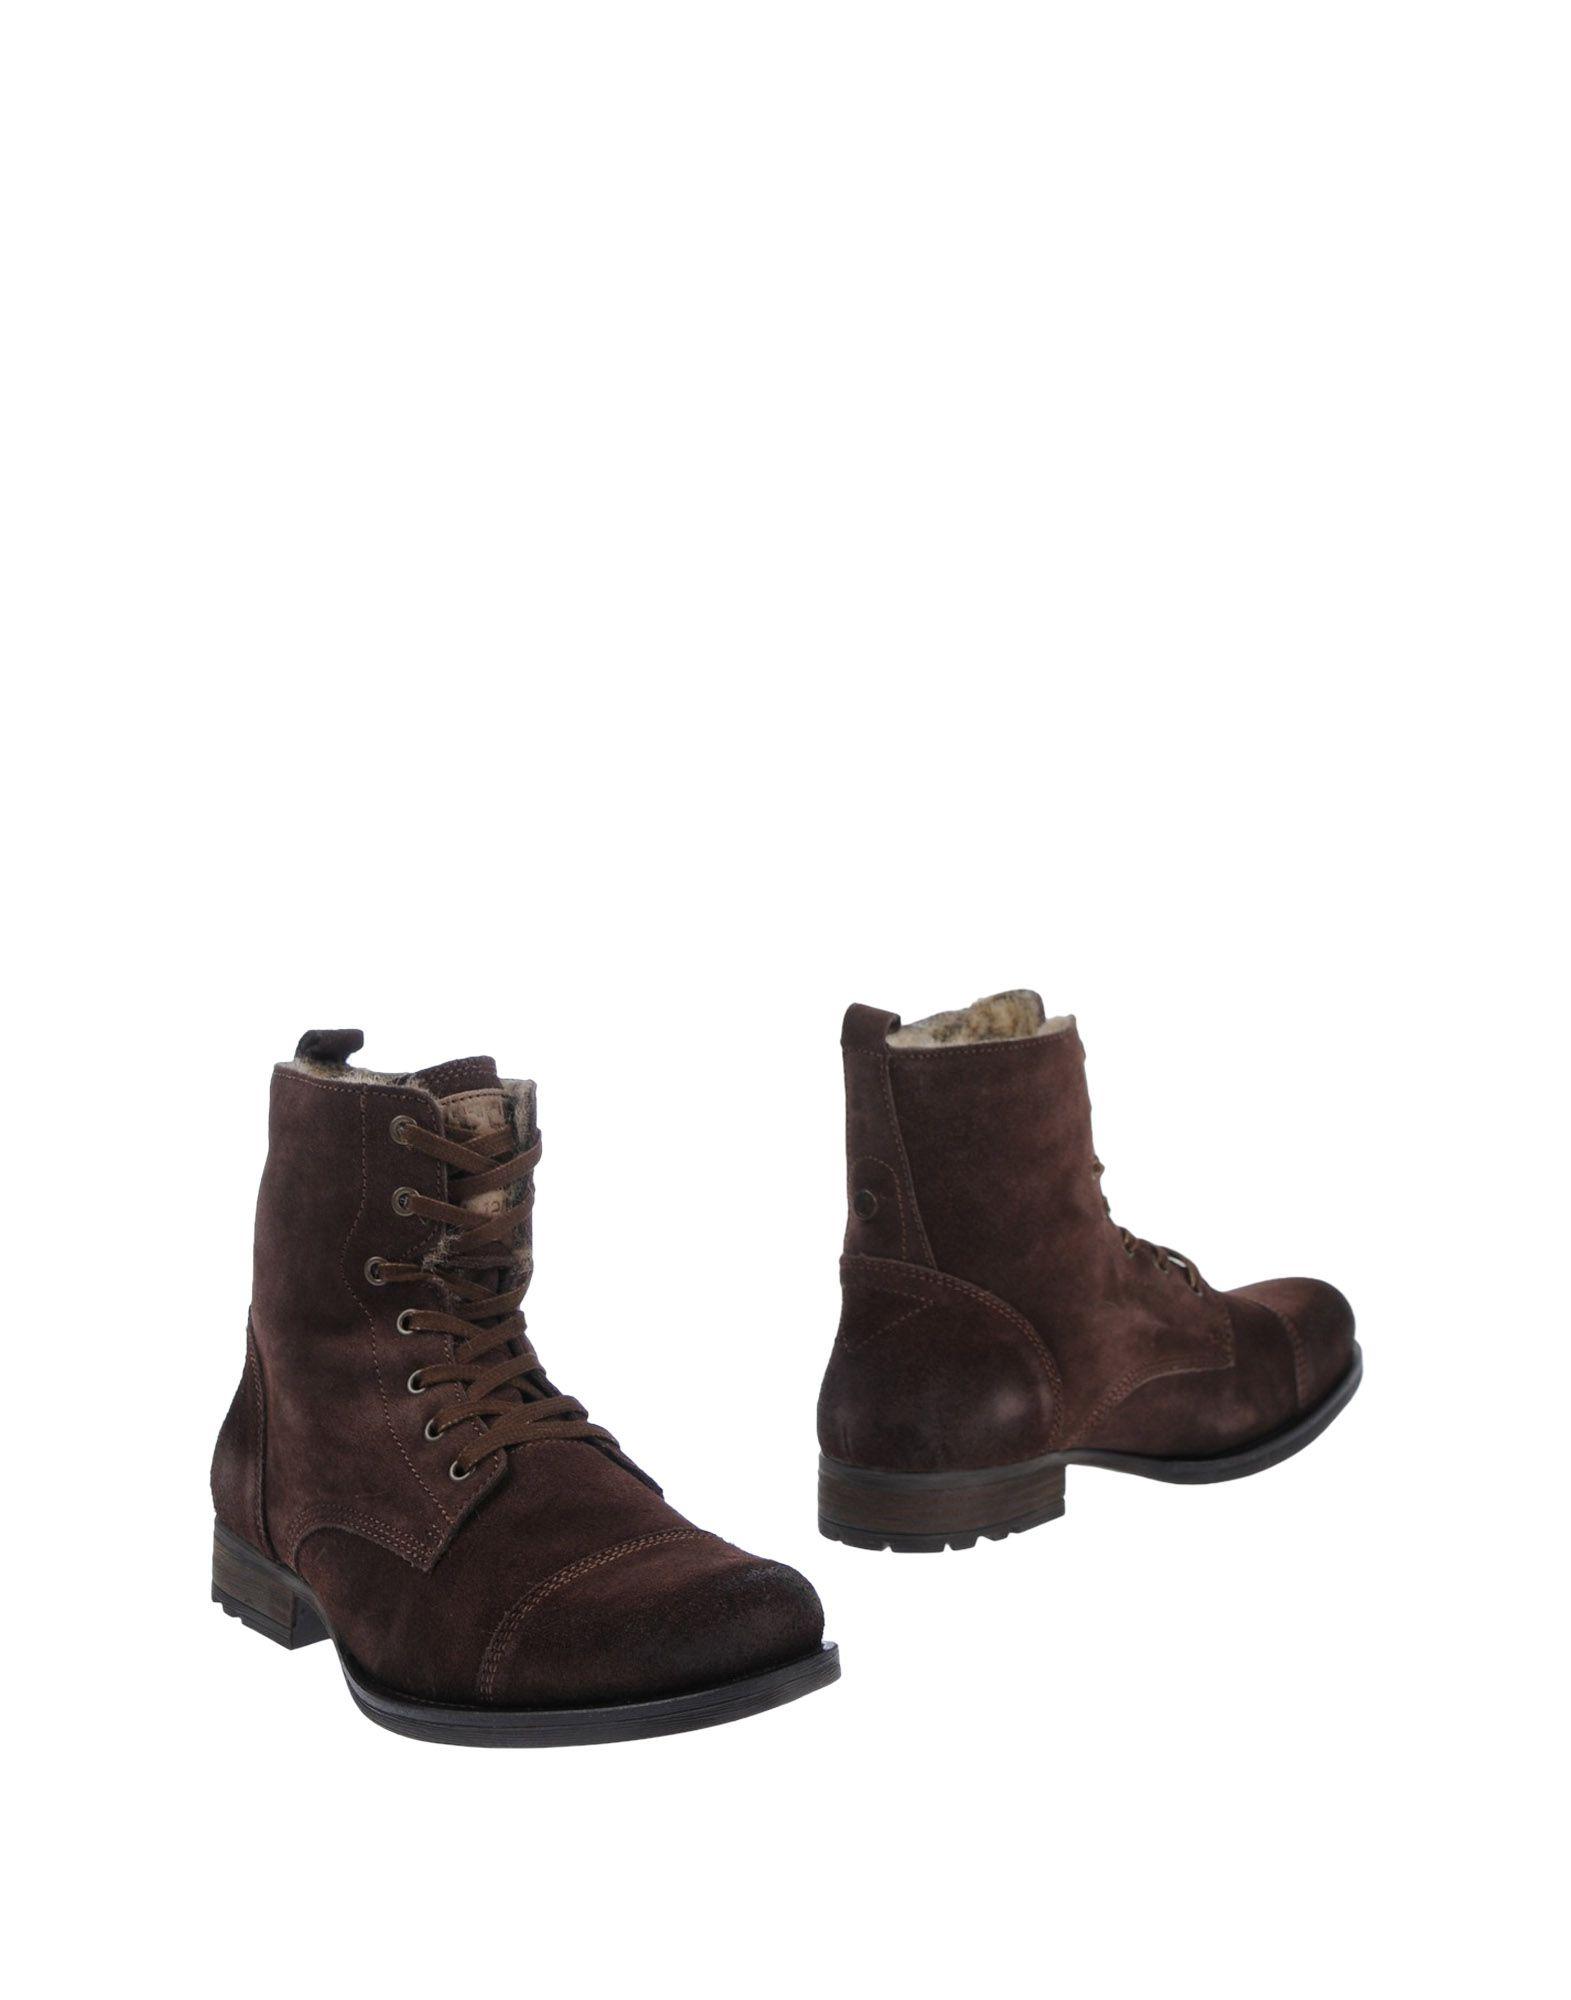 Rabatt echte Schuhe Guess Stiefelette 11506340LH Herren  11506340LH Stiefelette 454317